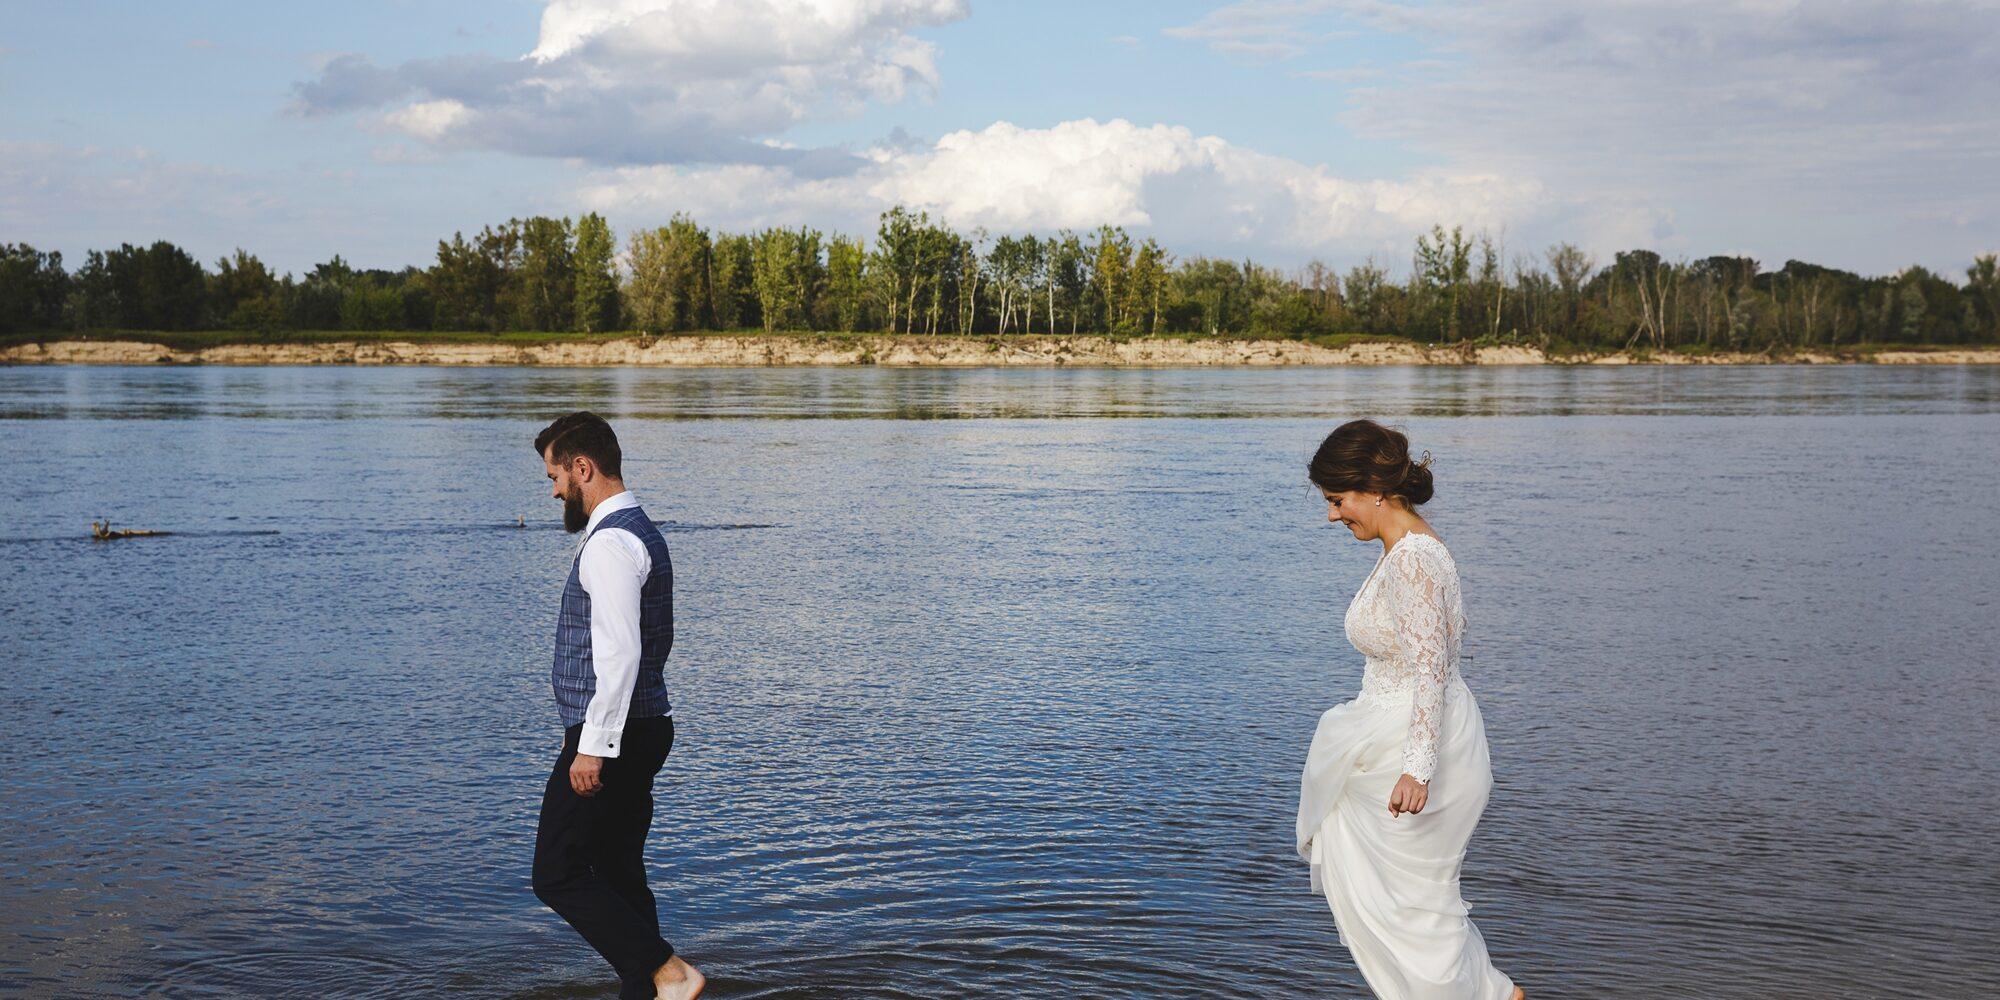 Plenerowa sesja ślubna, fotografia ślubna w Warszawie, Sesja plenerowa nad Wisłą,